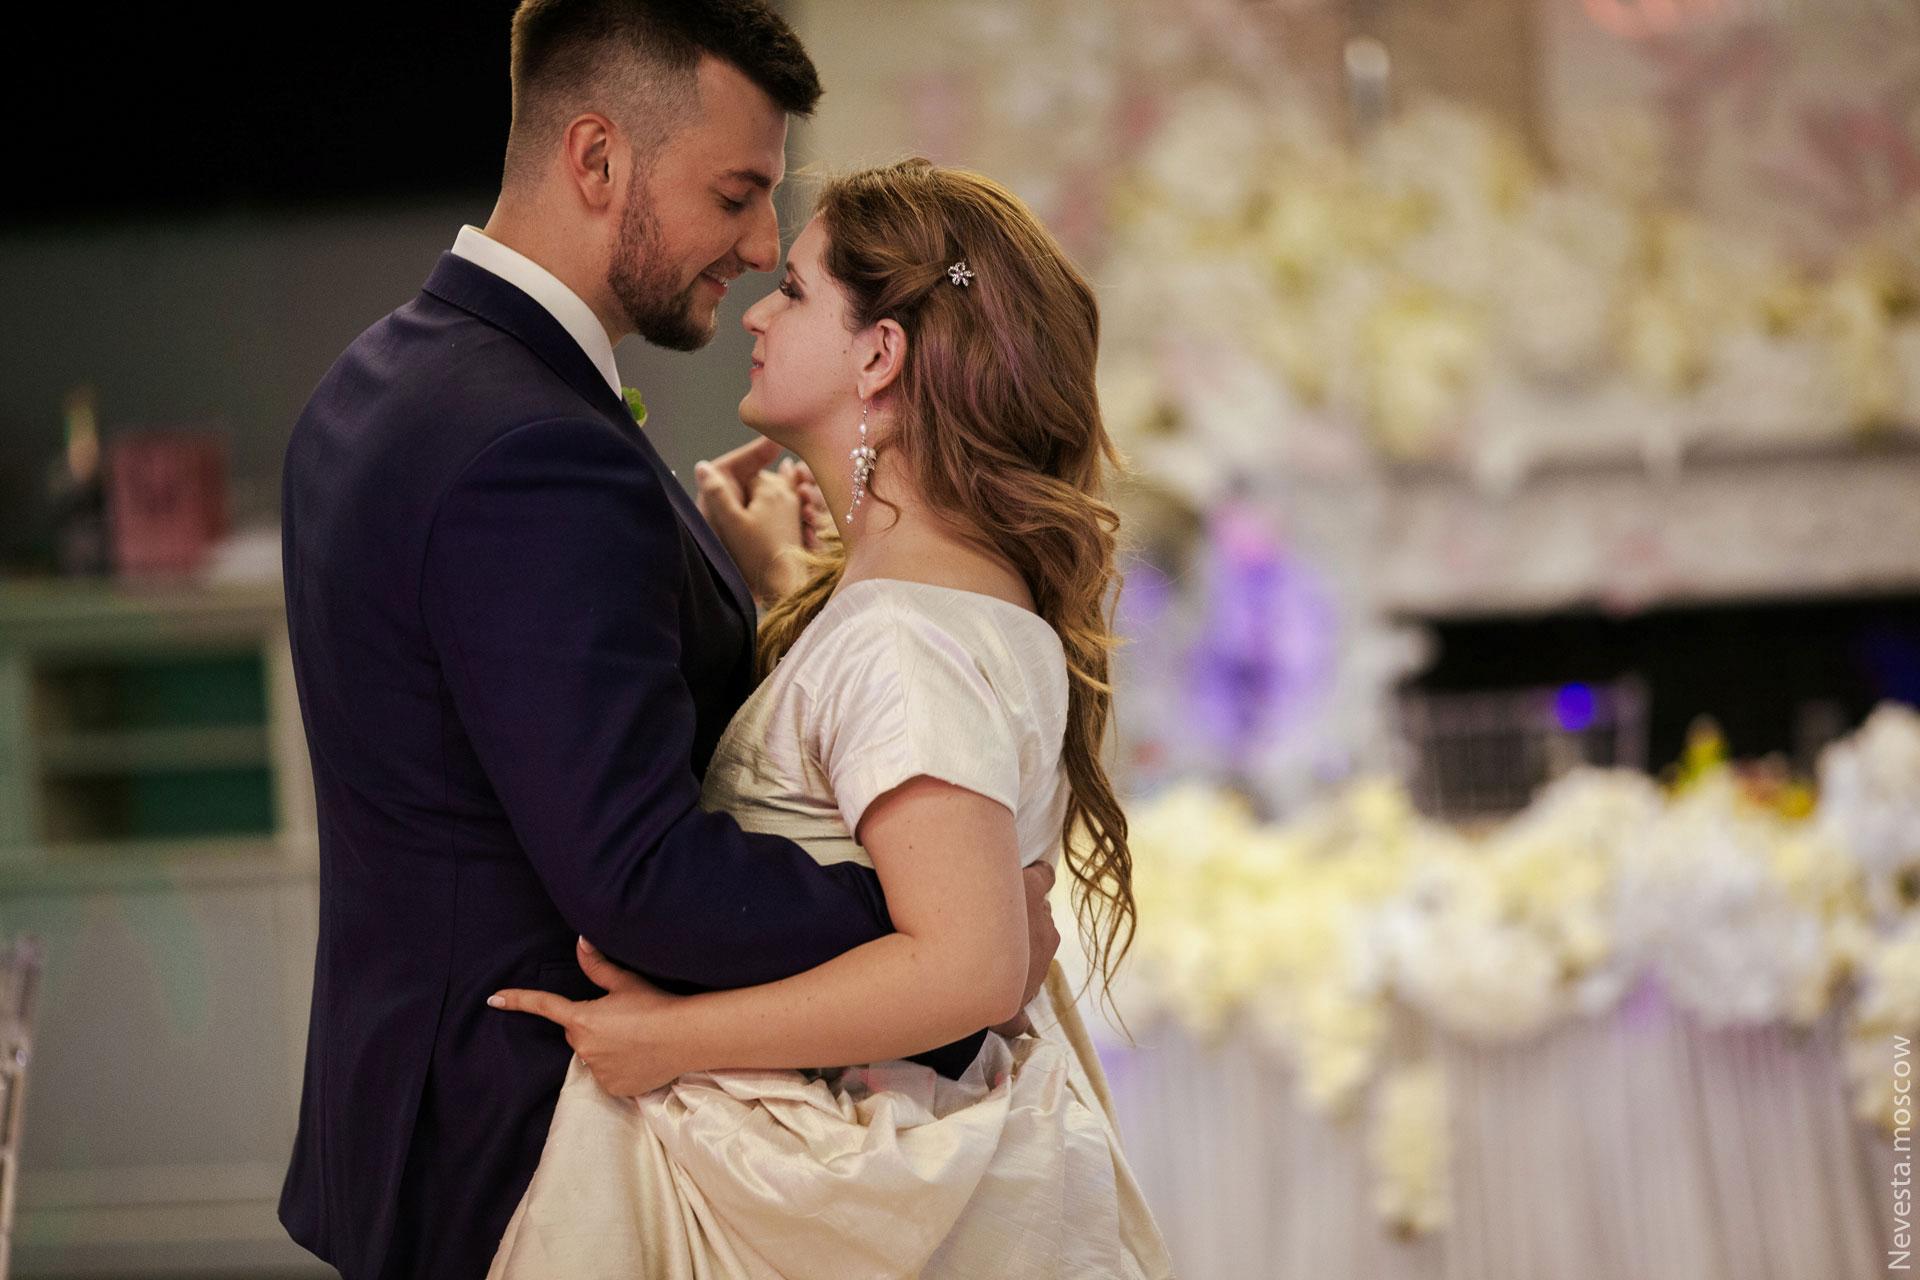 Свадьба Анастасии Денисовой и Богдана  фото 24